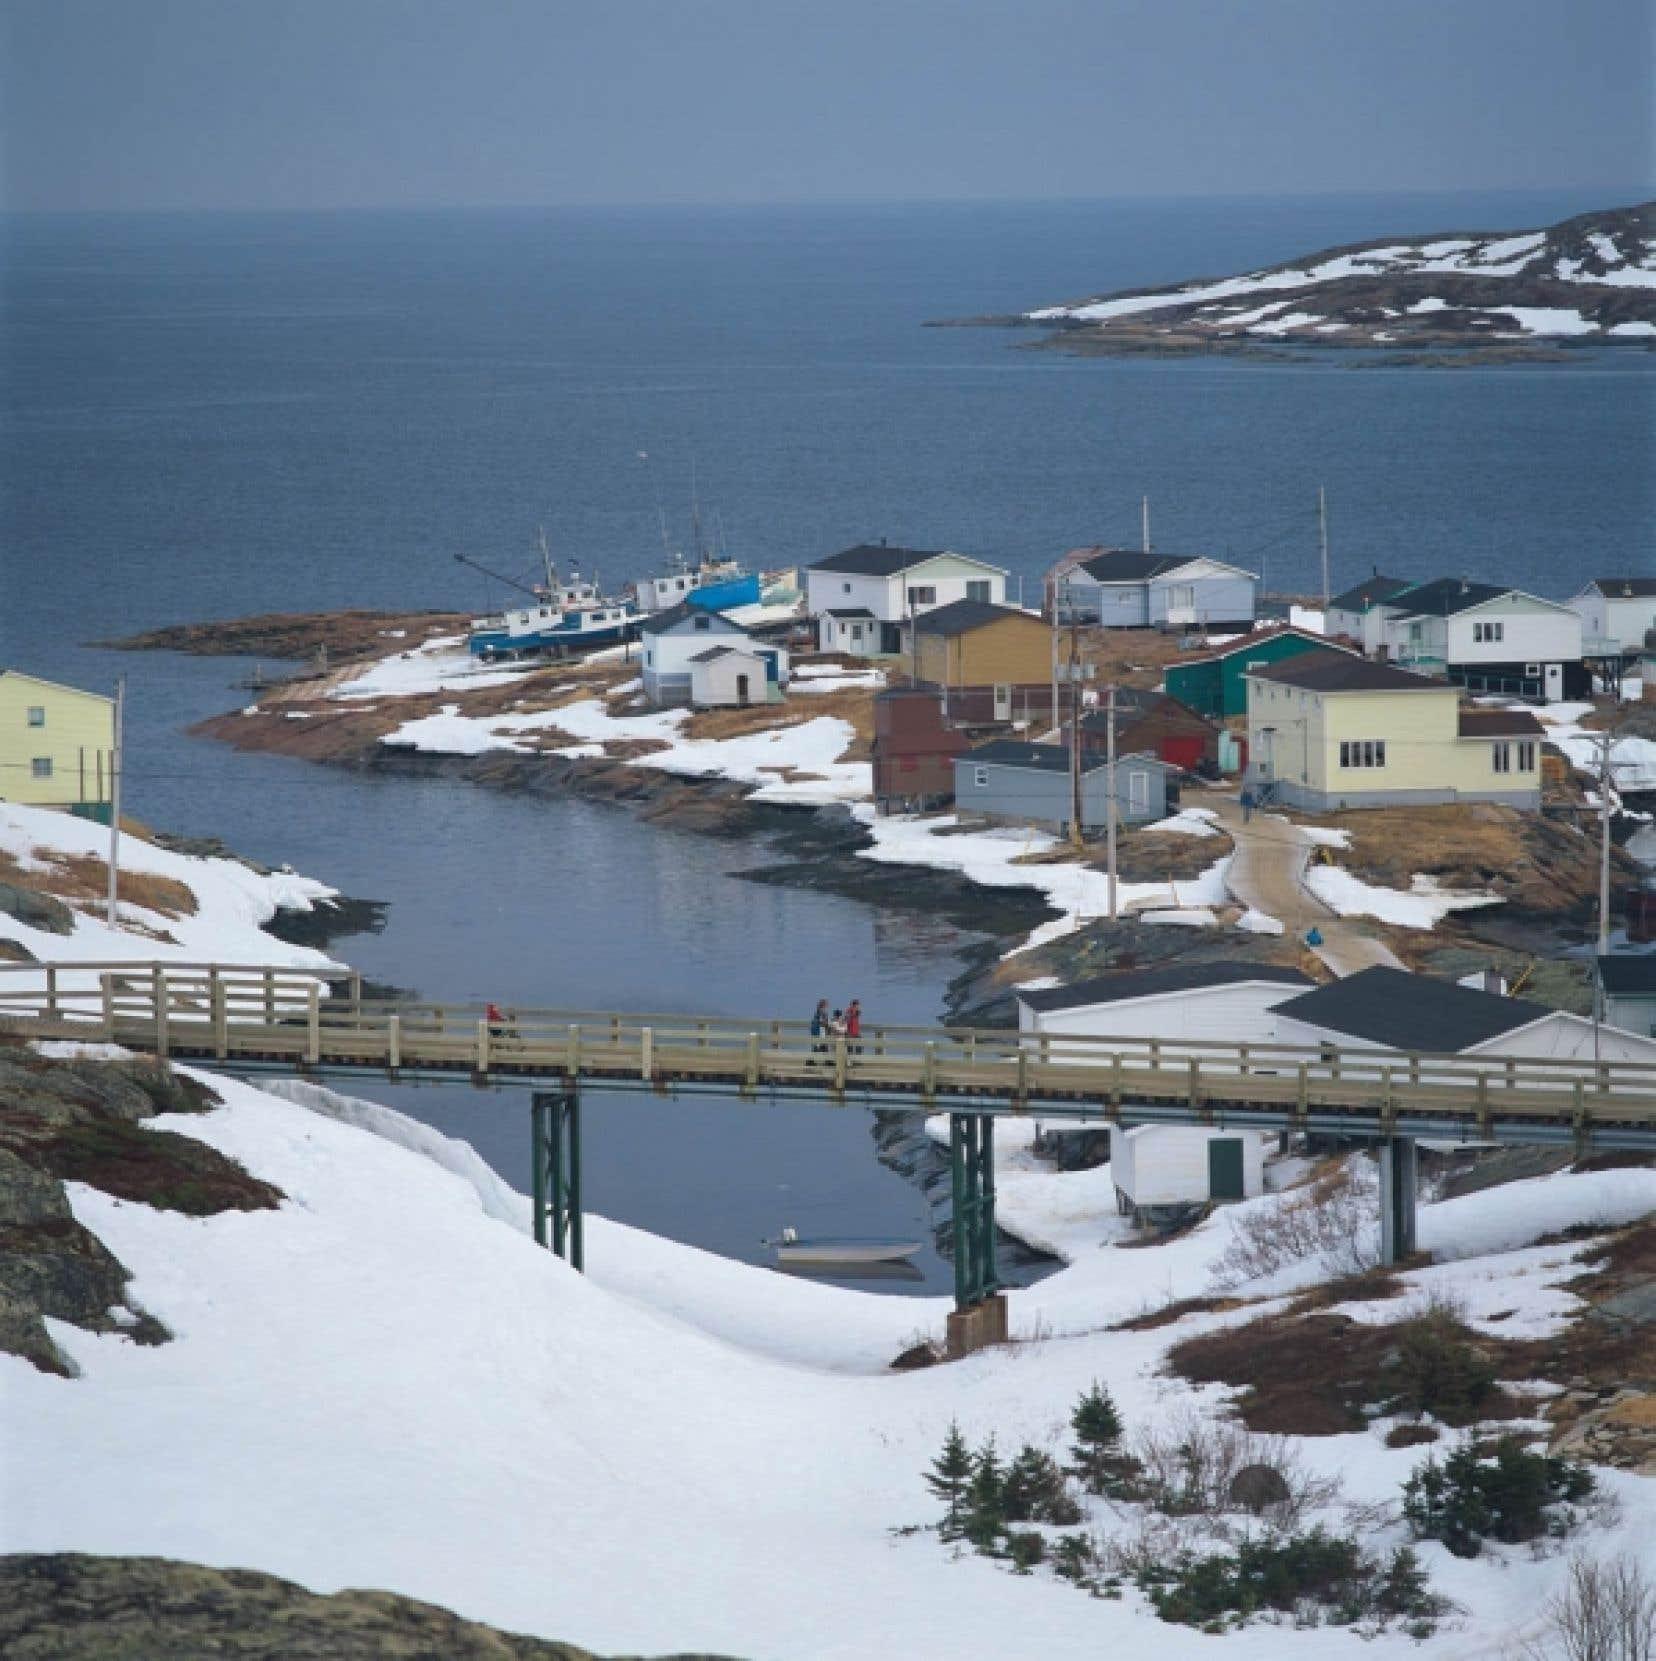 Harrington Harbour, où fut tourné le film La Grande Séduction. La pêche n'apporte plus la manne de jadis sur la Basse-Côte-Nord.<br />